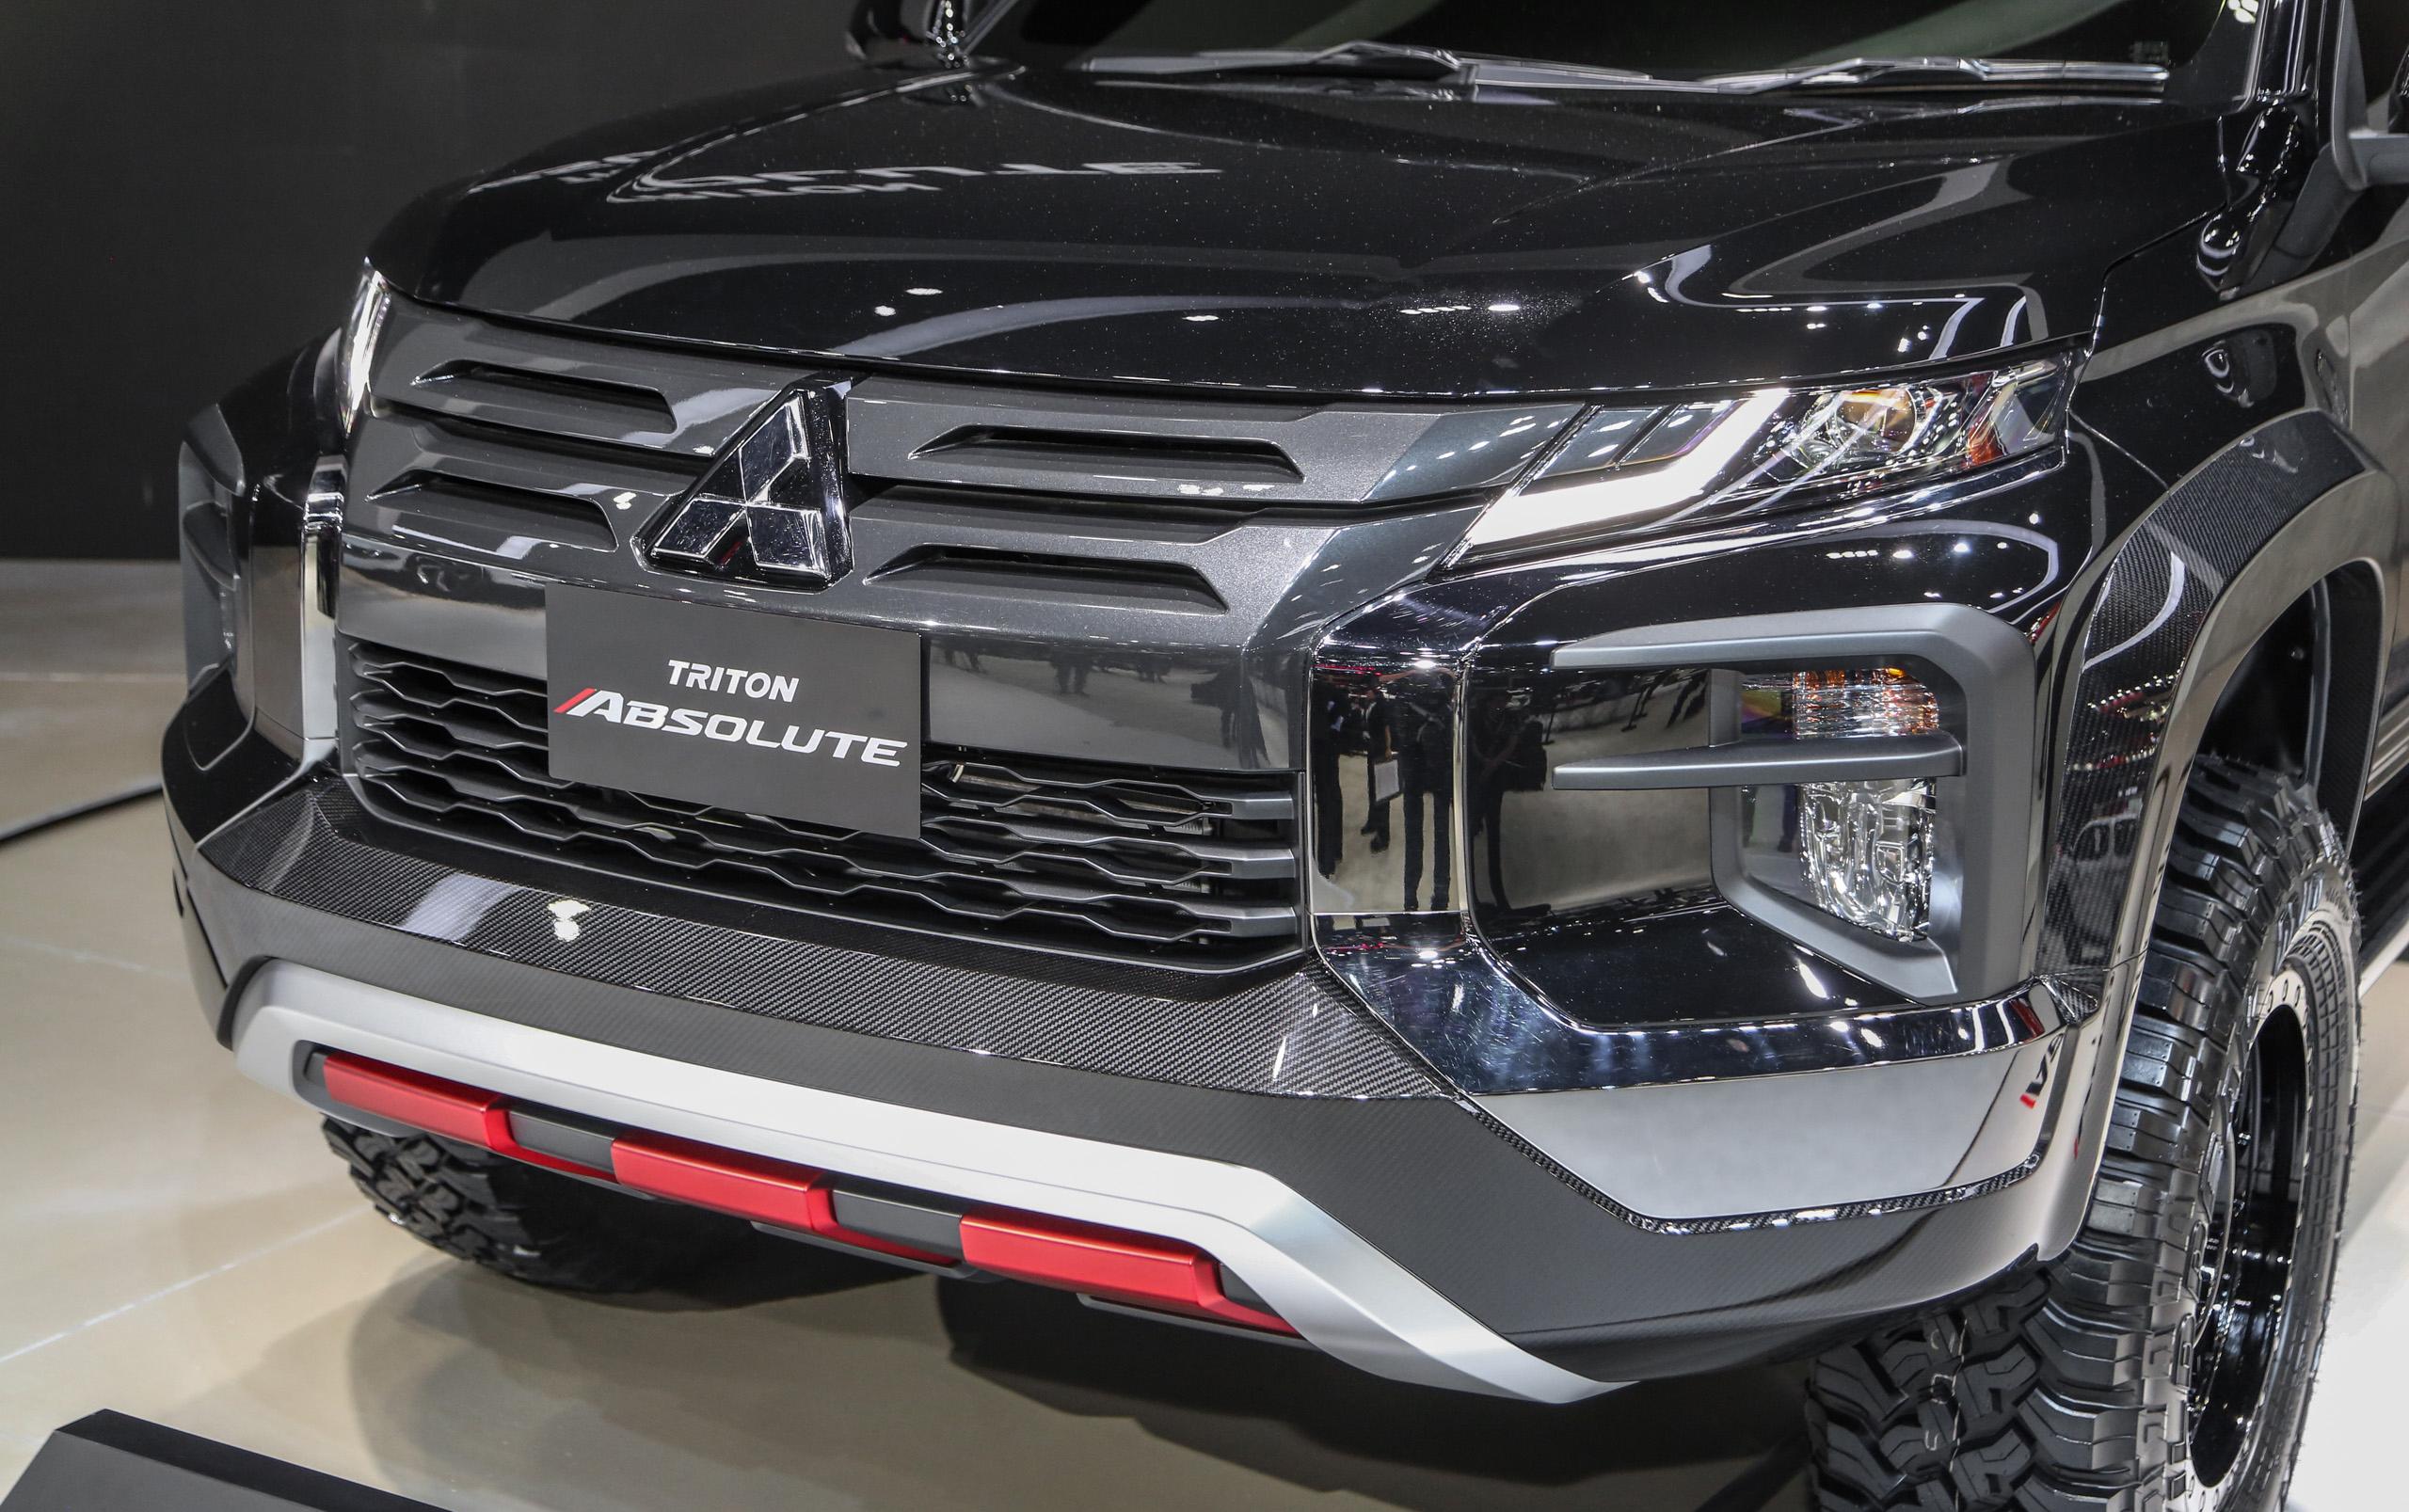 Mitsubishi Triton Absolute cạnh tranh với đối thủ Ford Ranger Raptor - 7